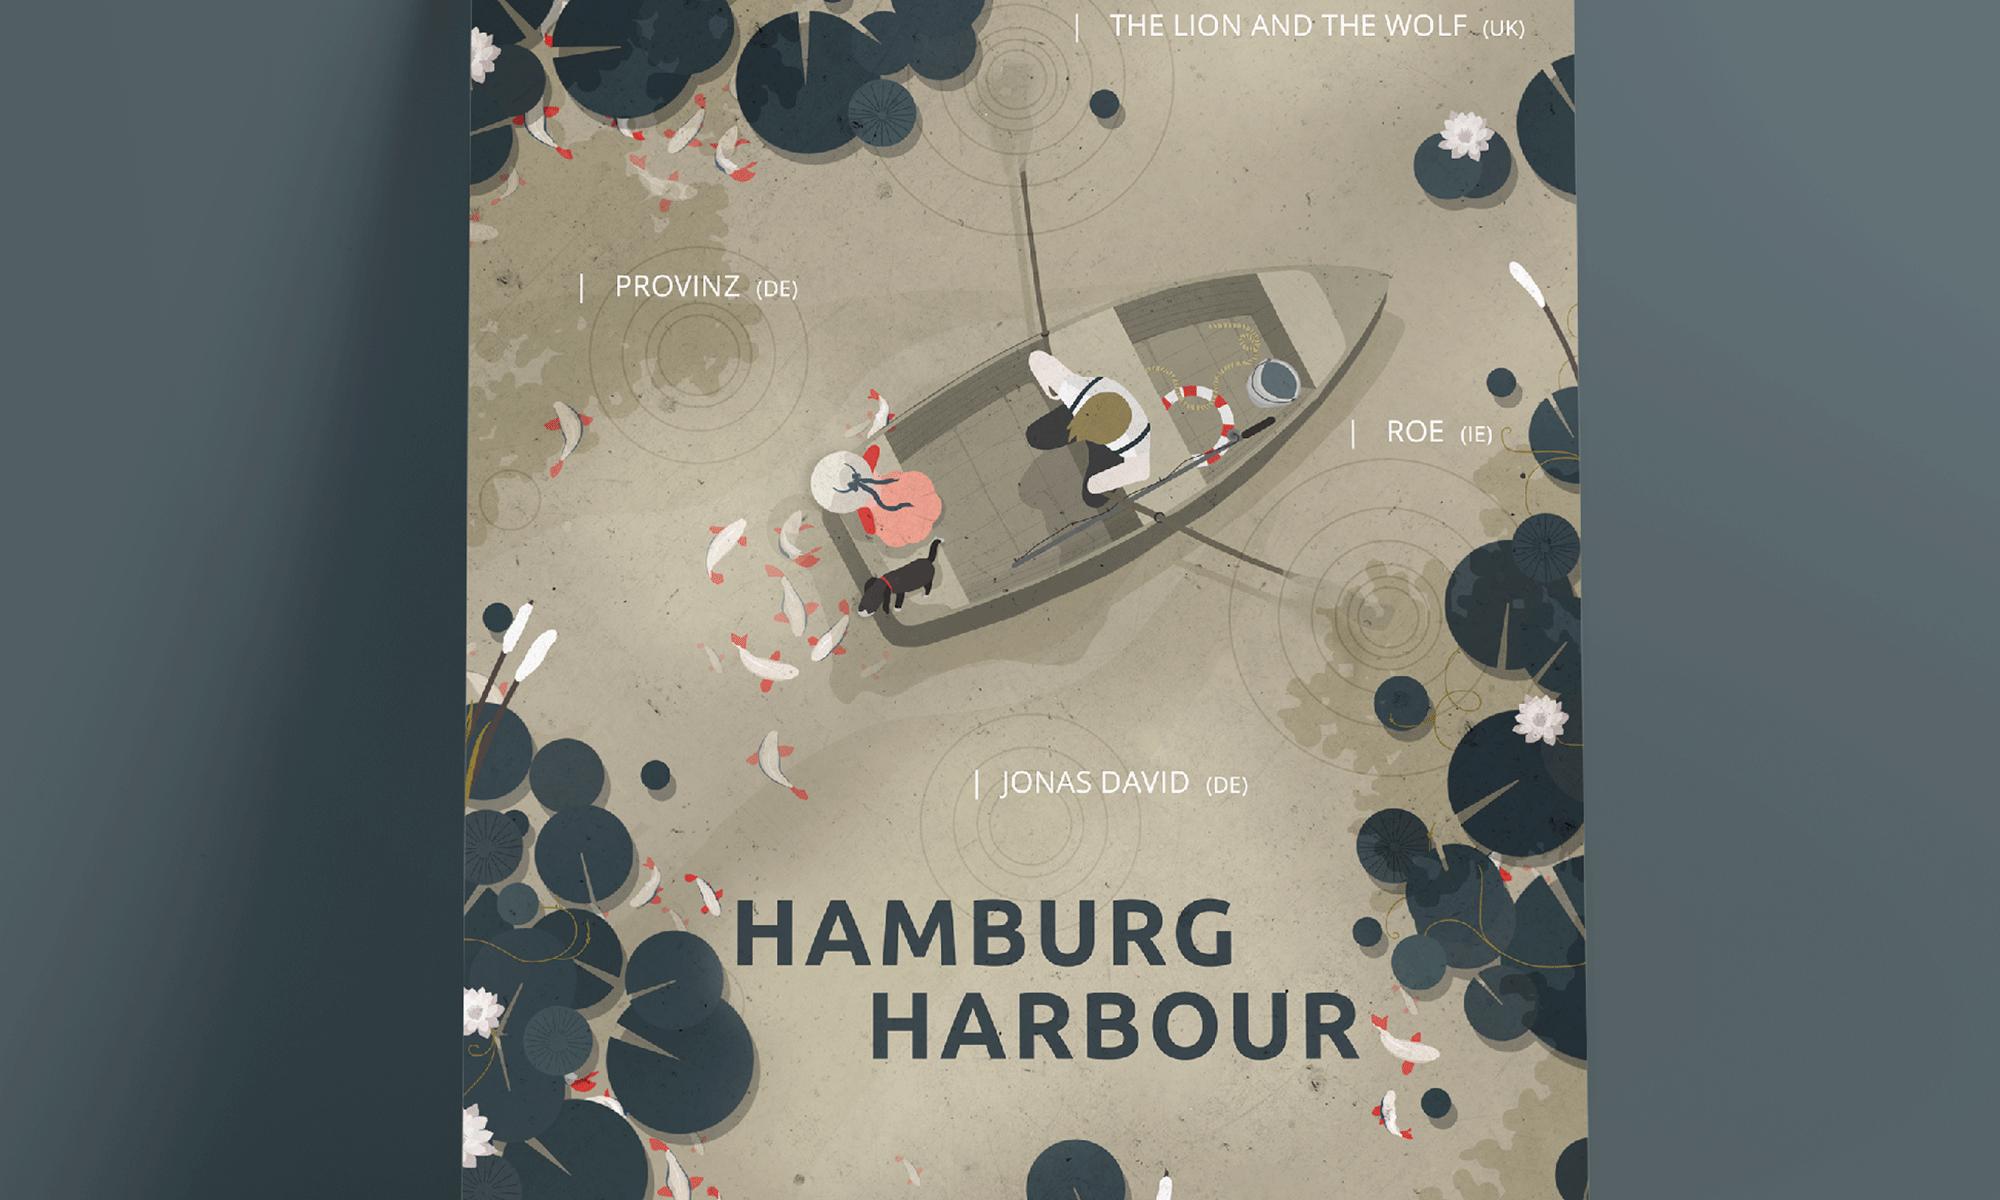 Husum Harbour Festival, Hamburg Harbour Festival, Booker, Veranstalter, Sebastian Madej, Haus 73, Hamburg, Artwort, Poster, Denise Hennings